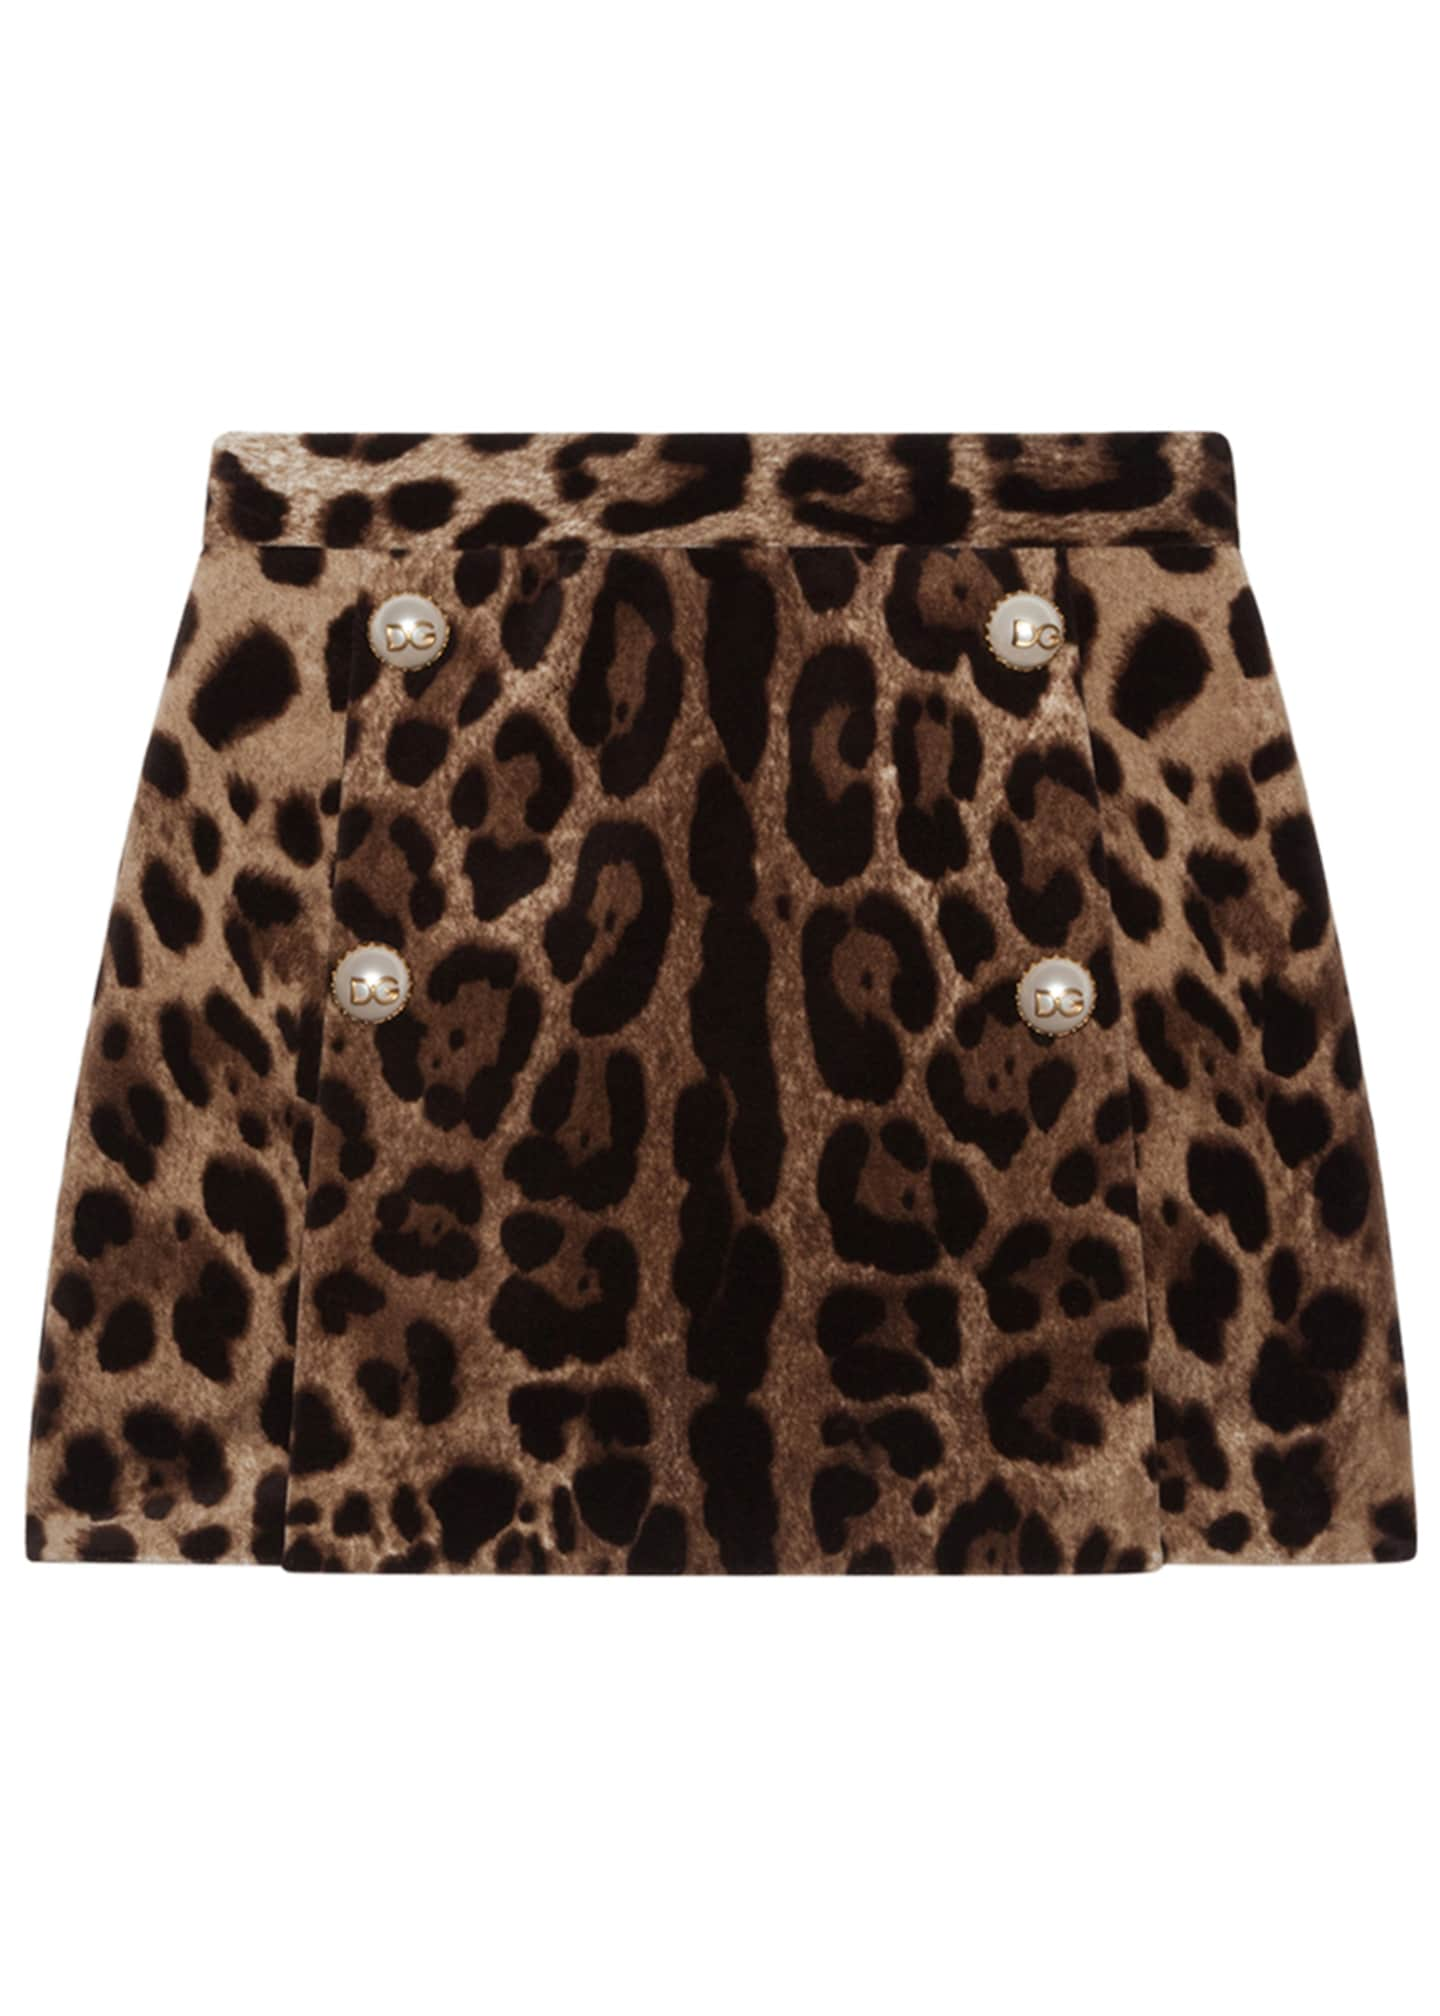 Dolce & Gabbana Girl's Leopard Print Velvet Skirt,